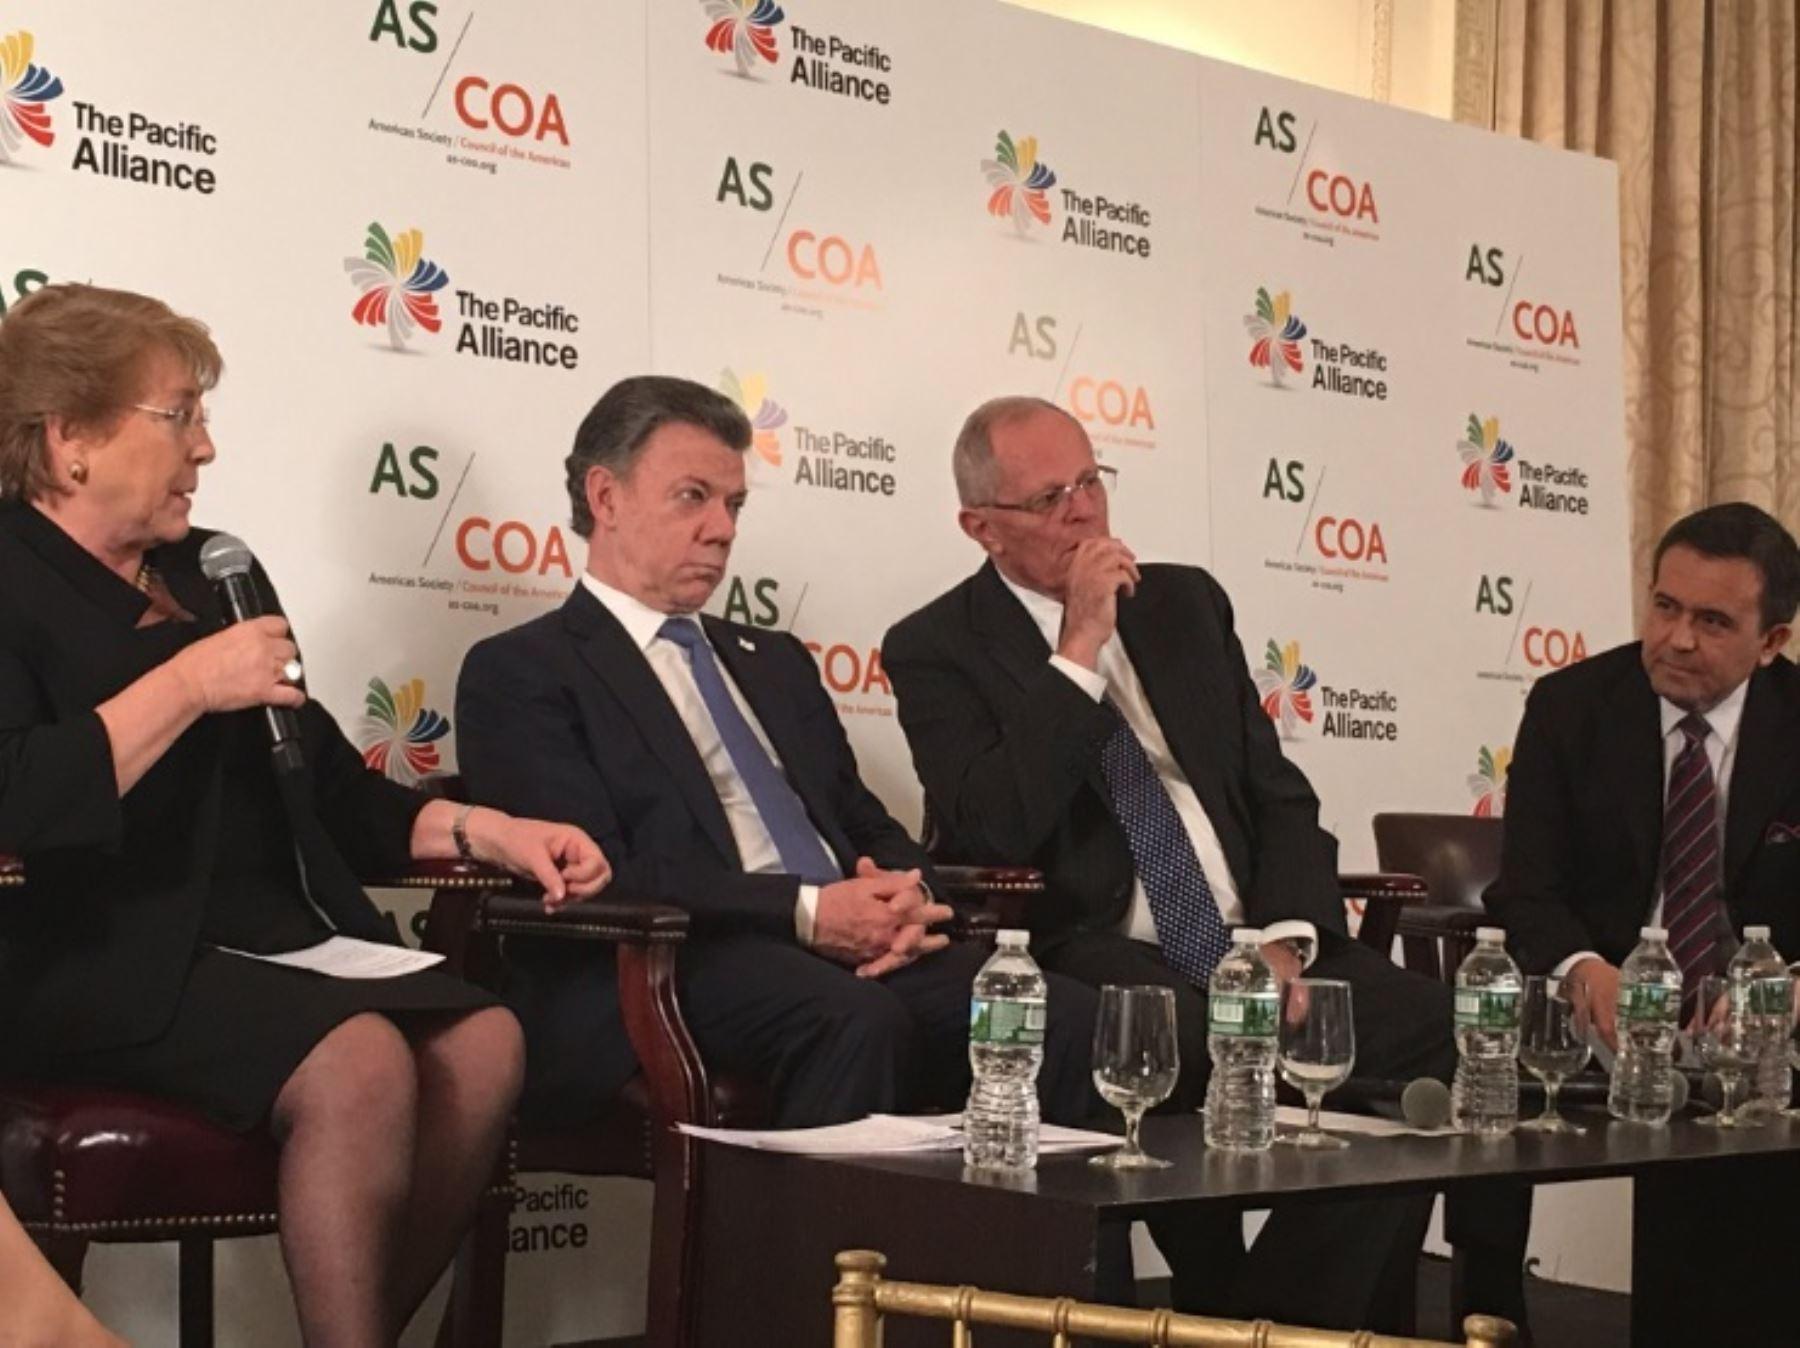 Los presidentes de Perú, Chile y Colombia, junto al ministro de Economía mexicano, participaron en un foro sobre la Alianza del Pacífico en Nueva York.